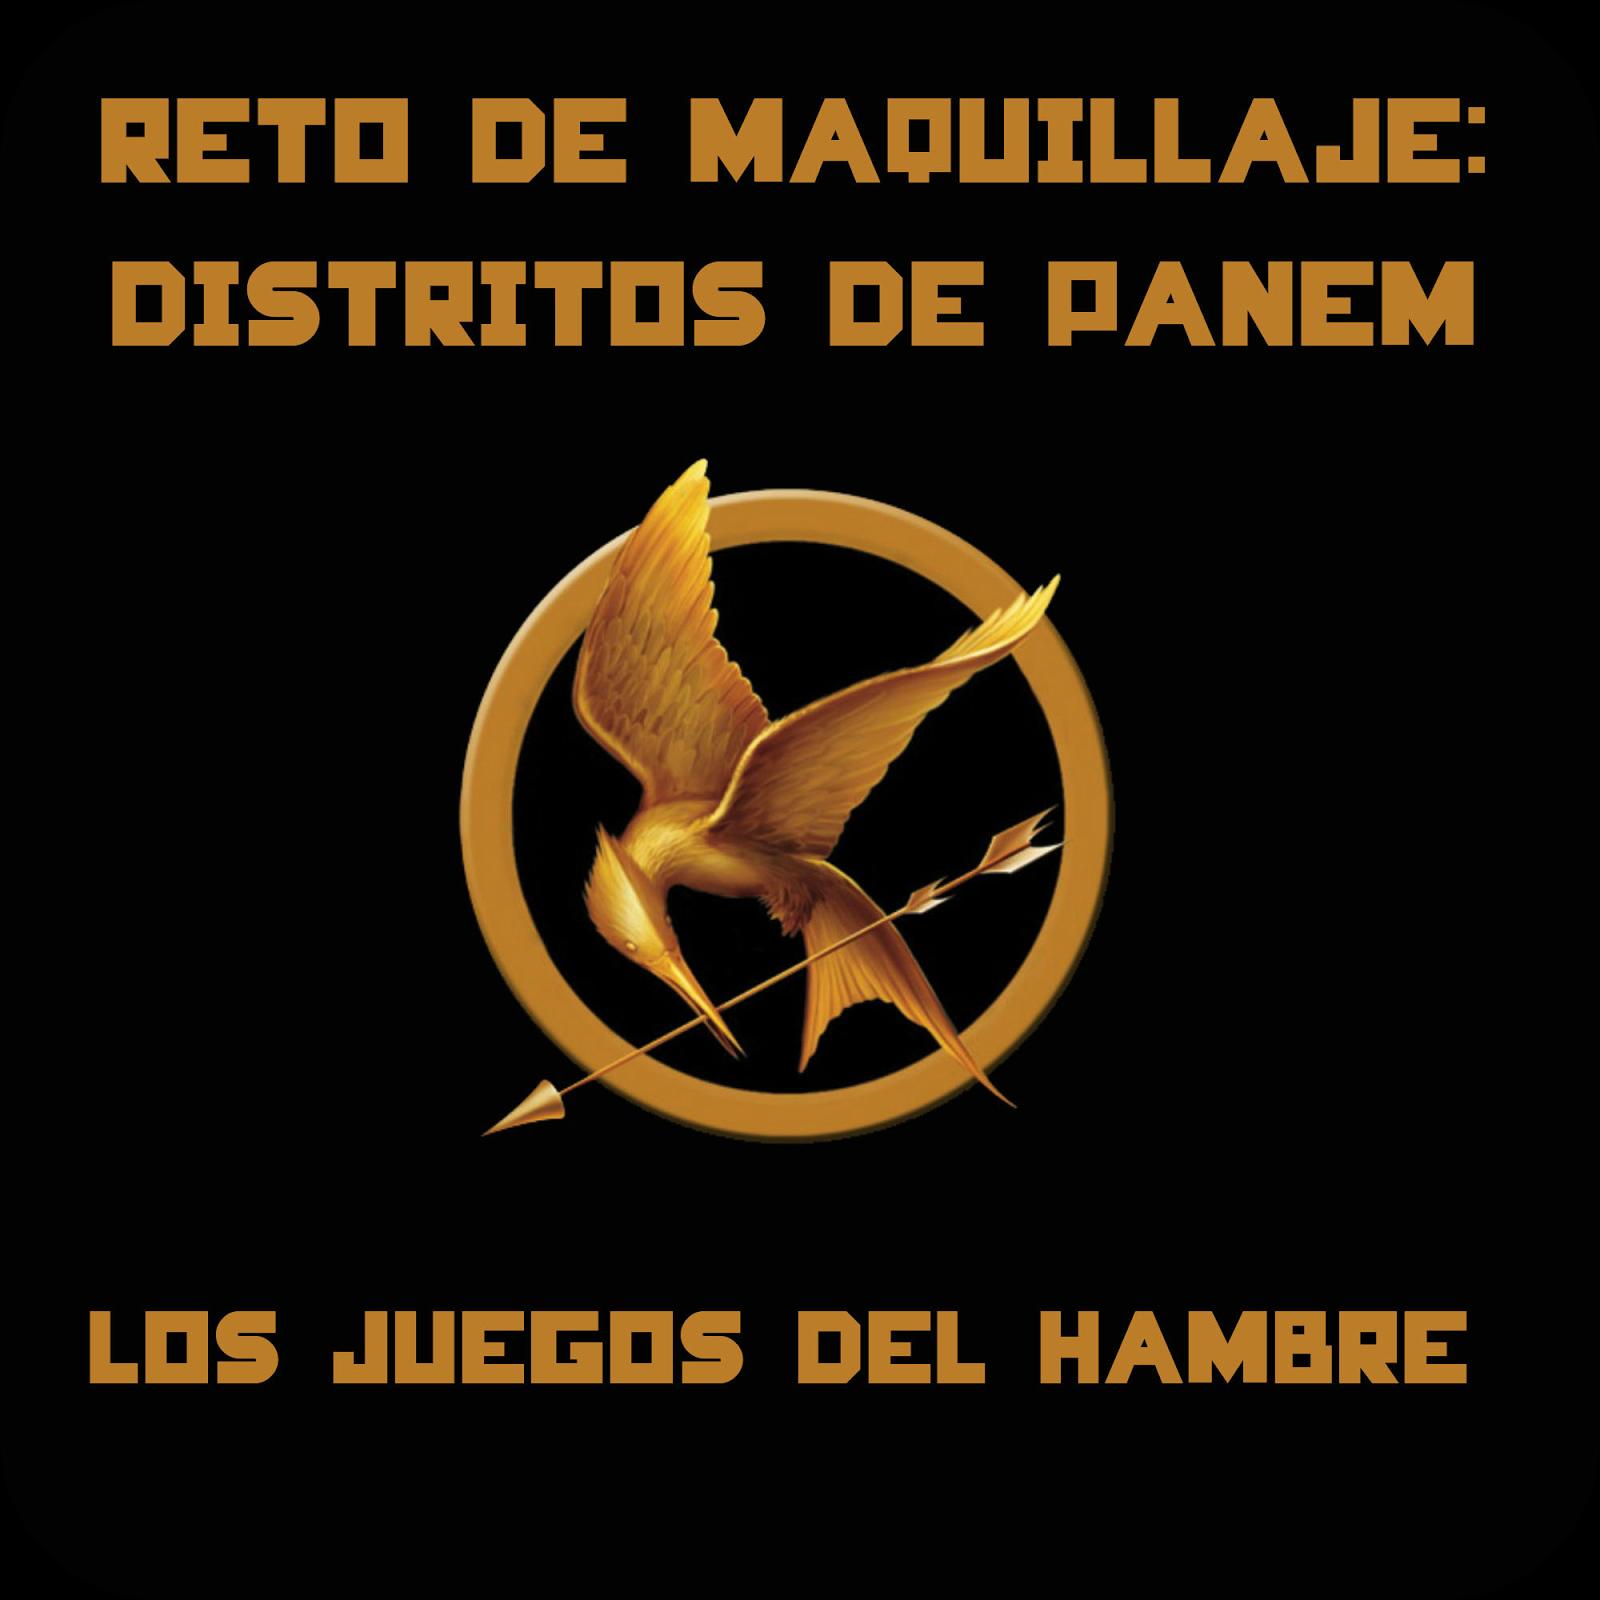 RETO: LOS DISTRITOS DE PANEM